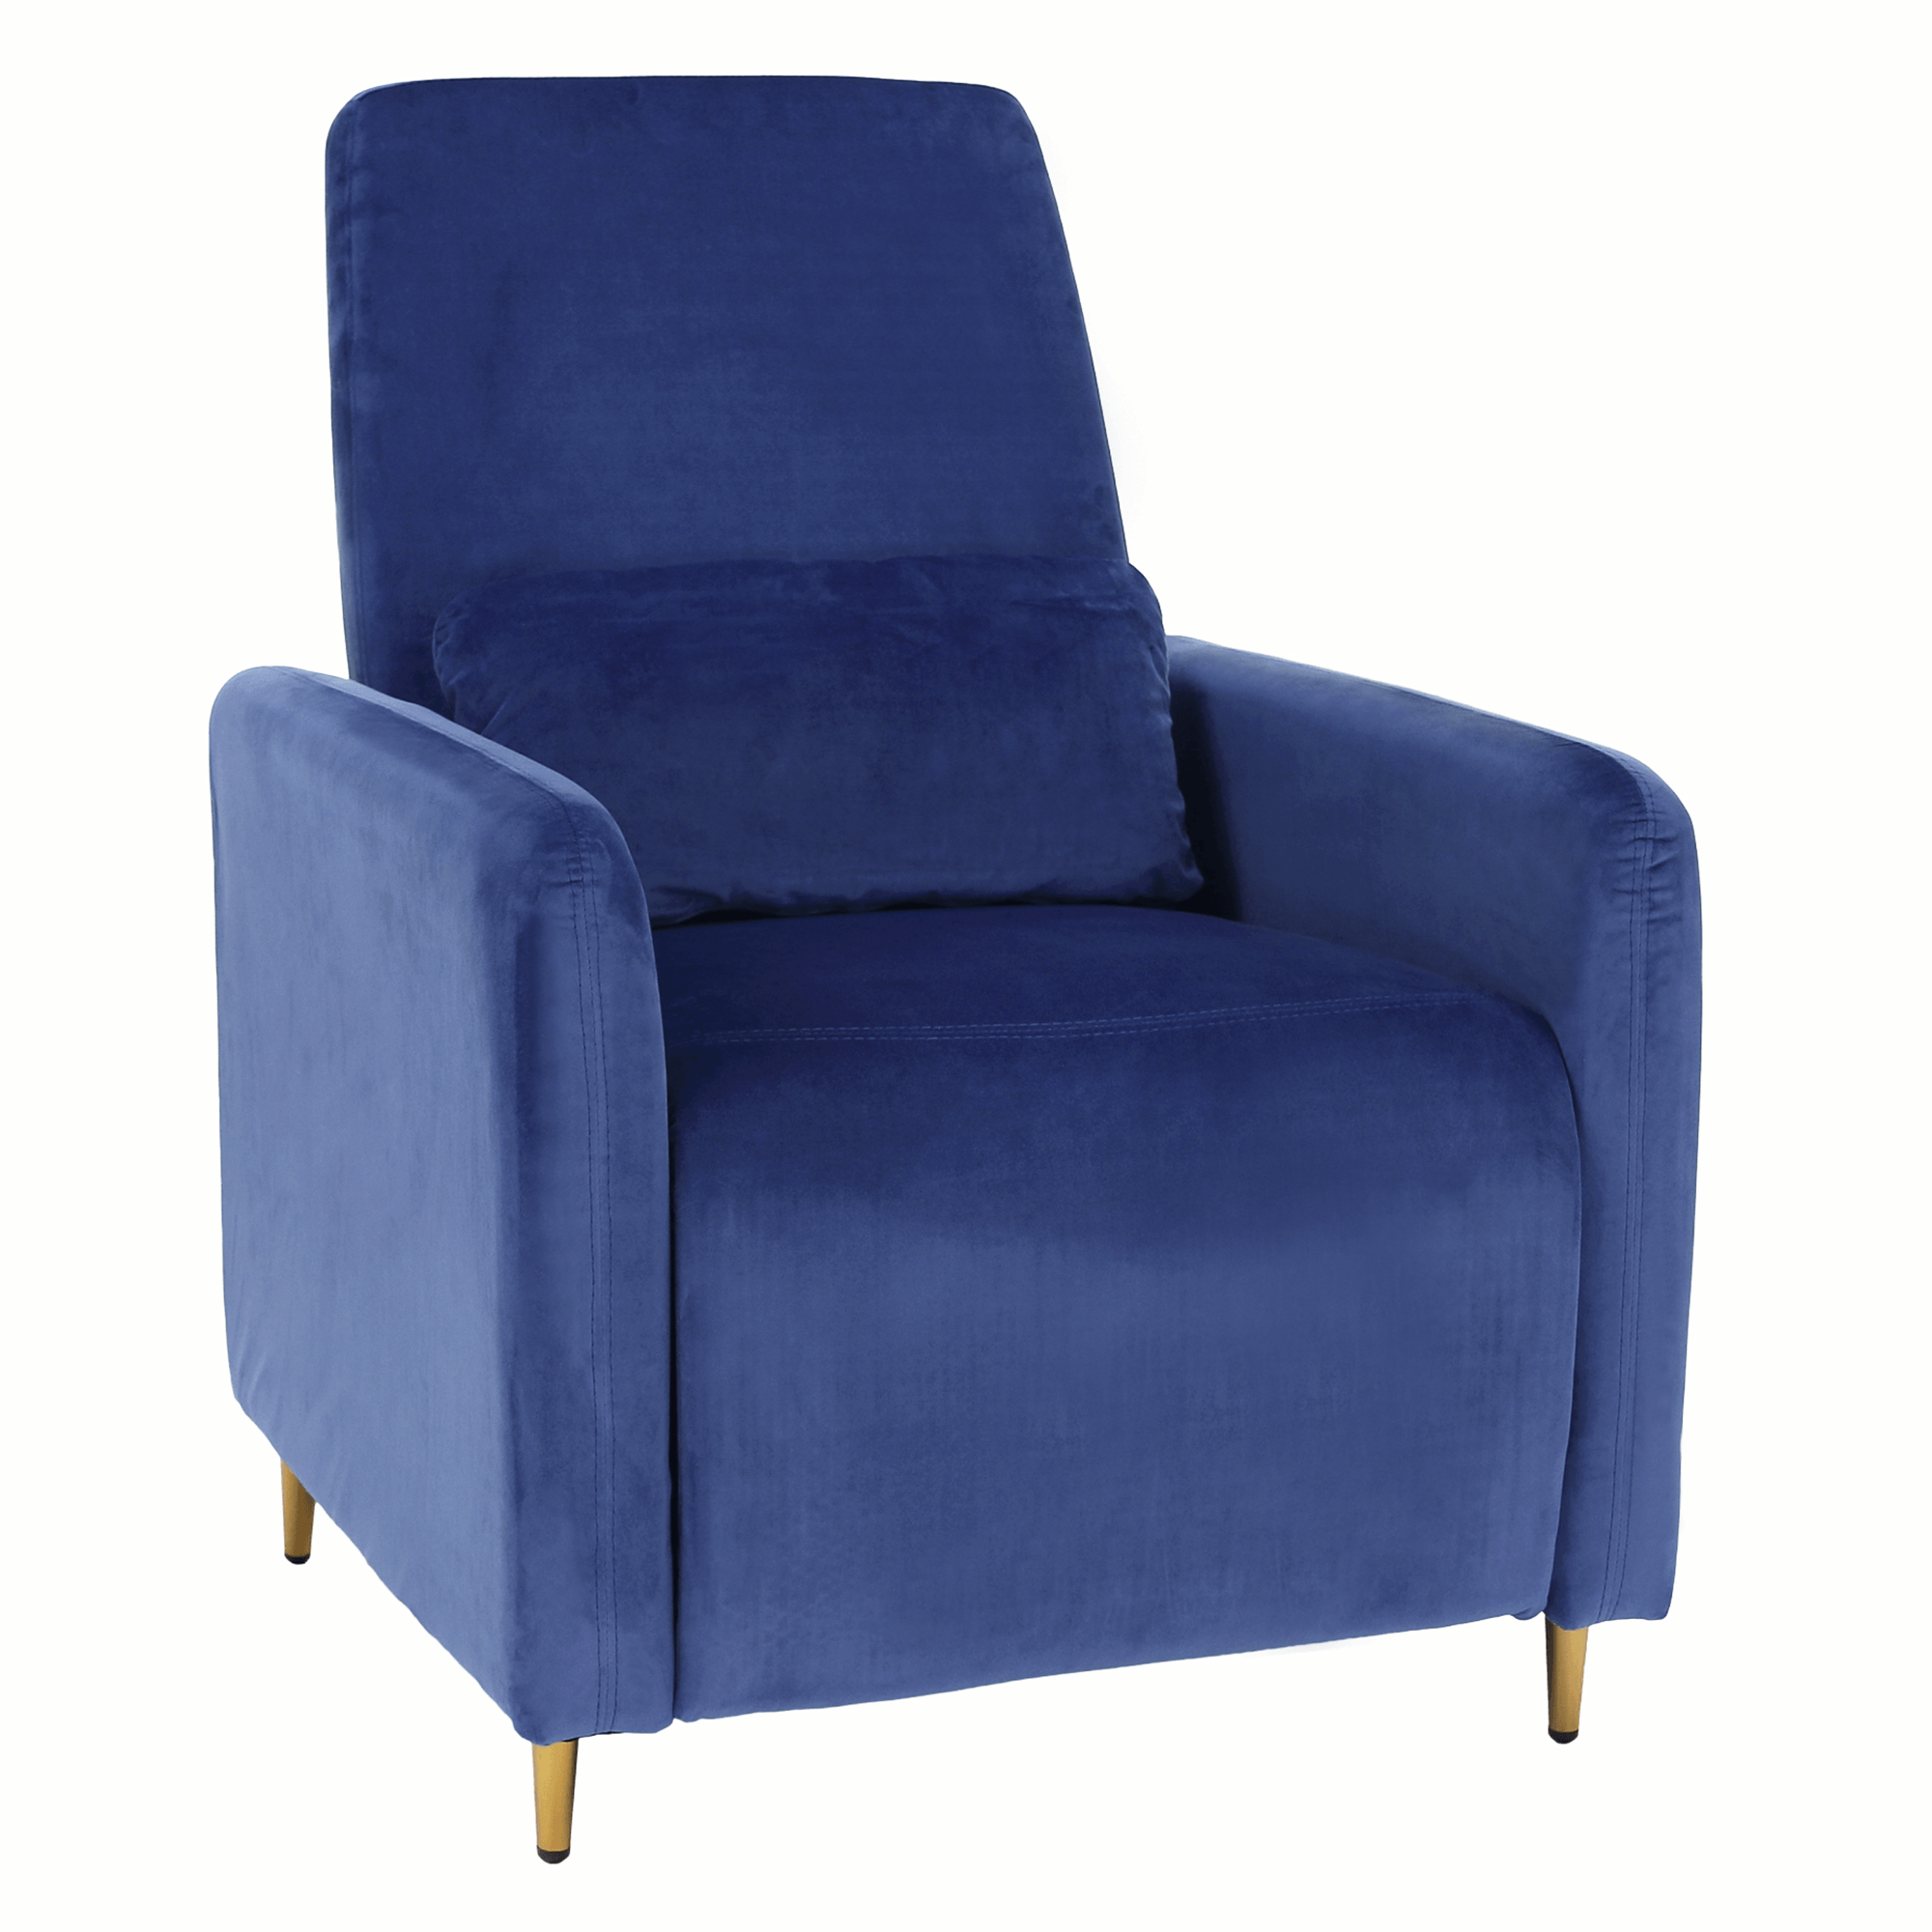 Állítható relaxációs fotel, kék Velvet szövet, NAURO